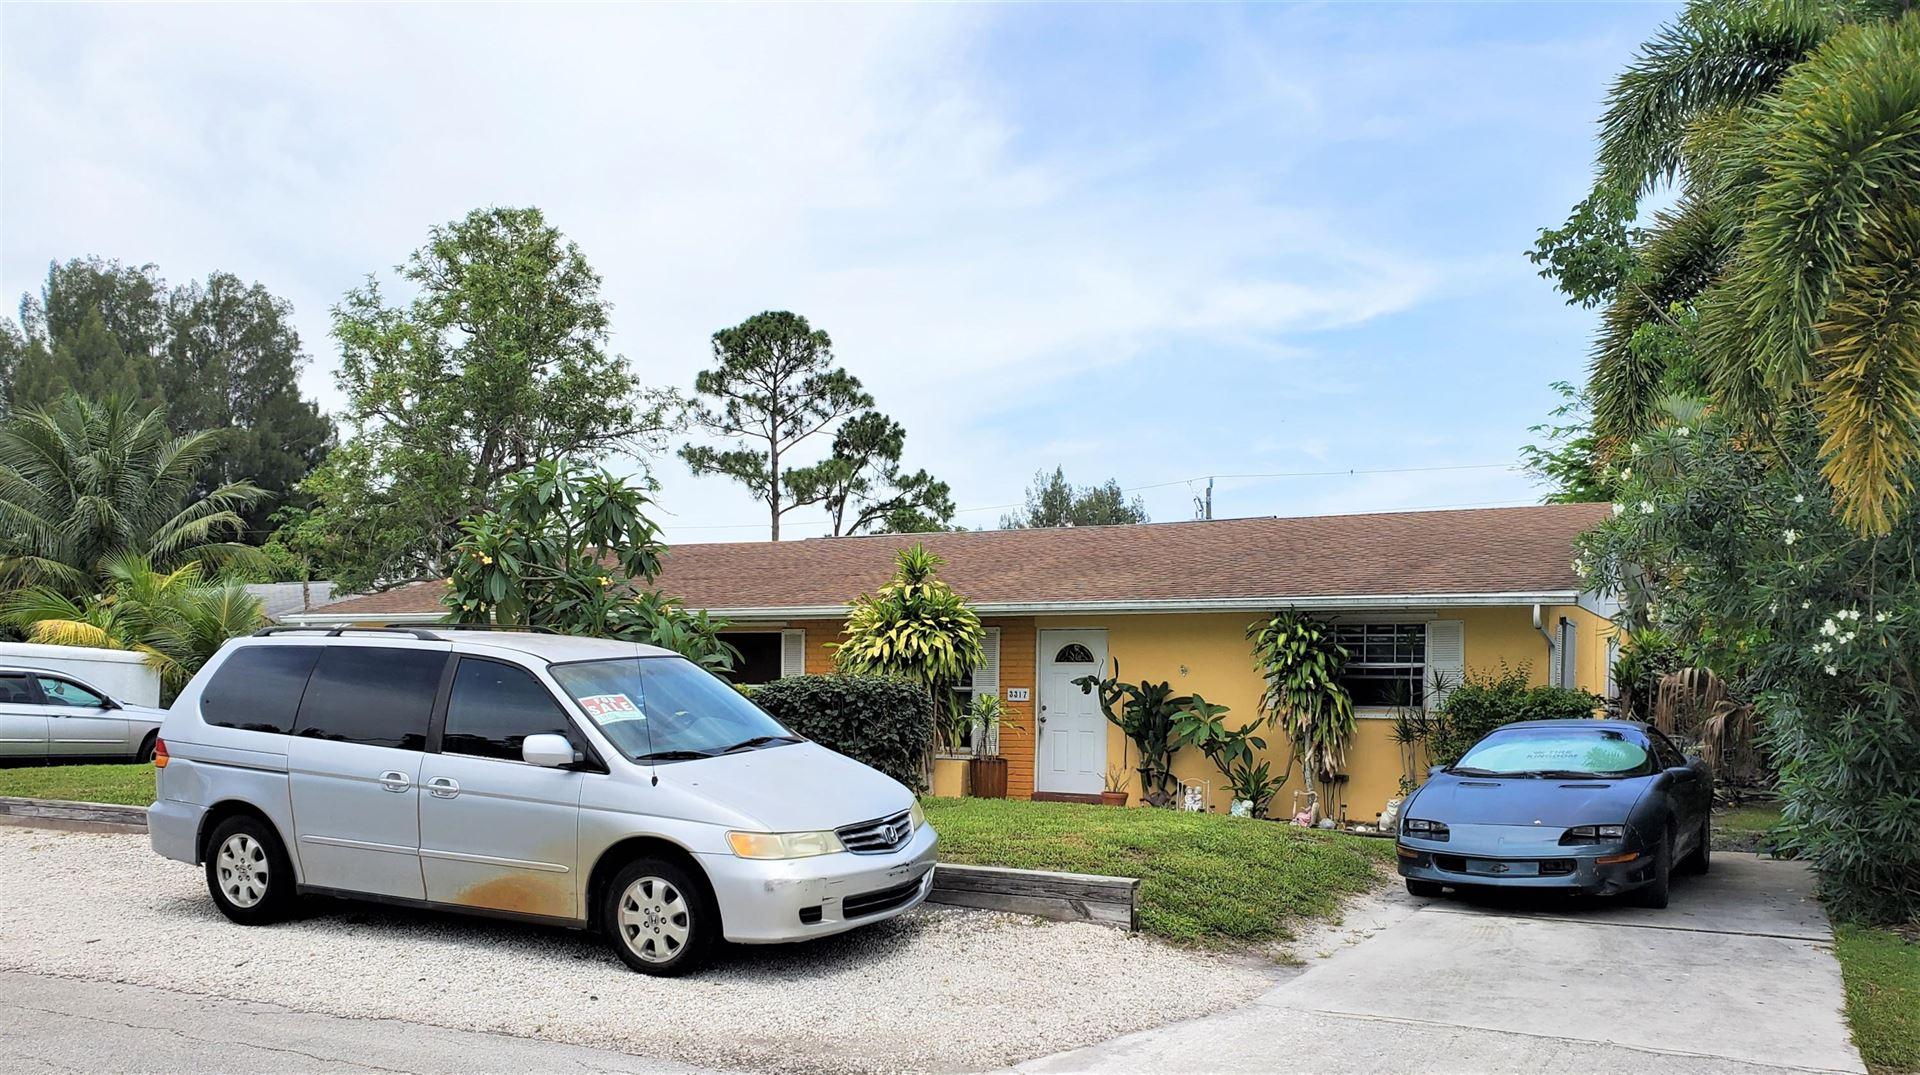 Photo of 3307 SE Iris Street, Stuart, FL 34997 (MLS # RX-10626971)